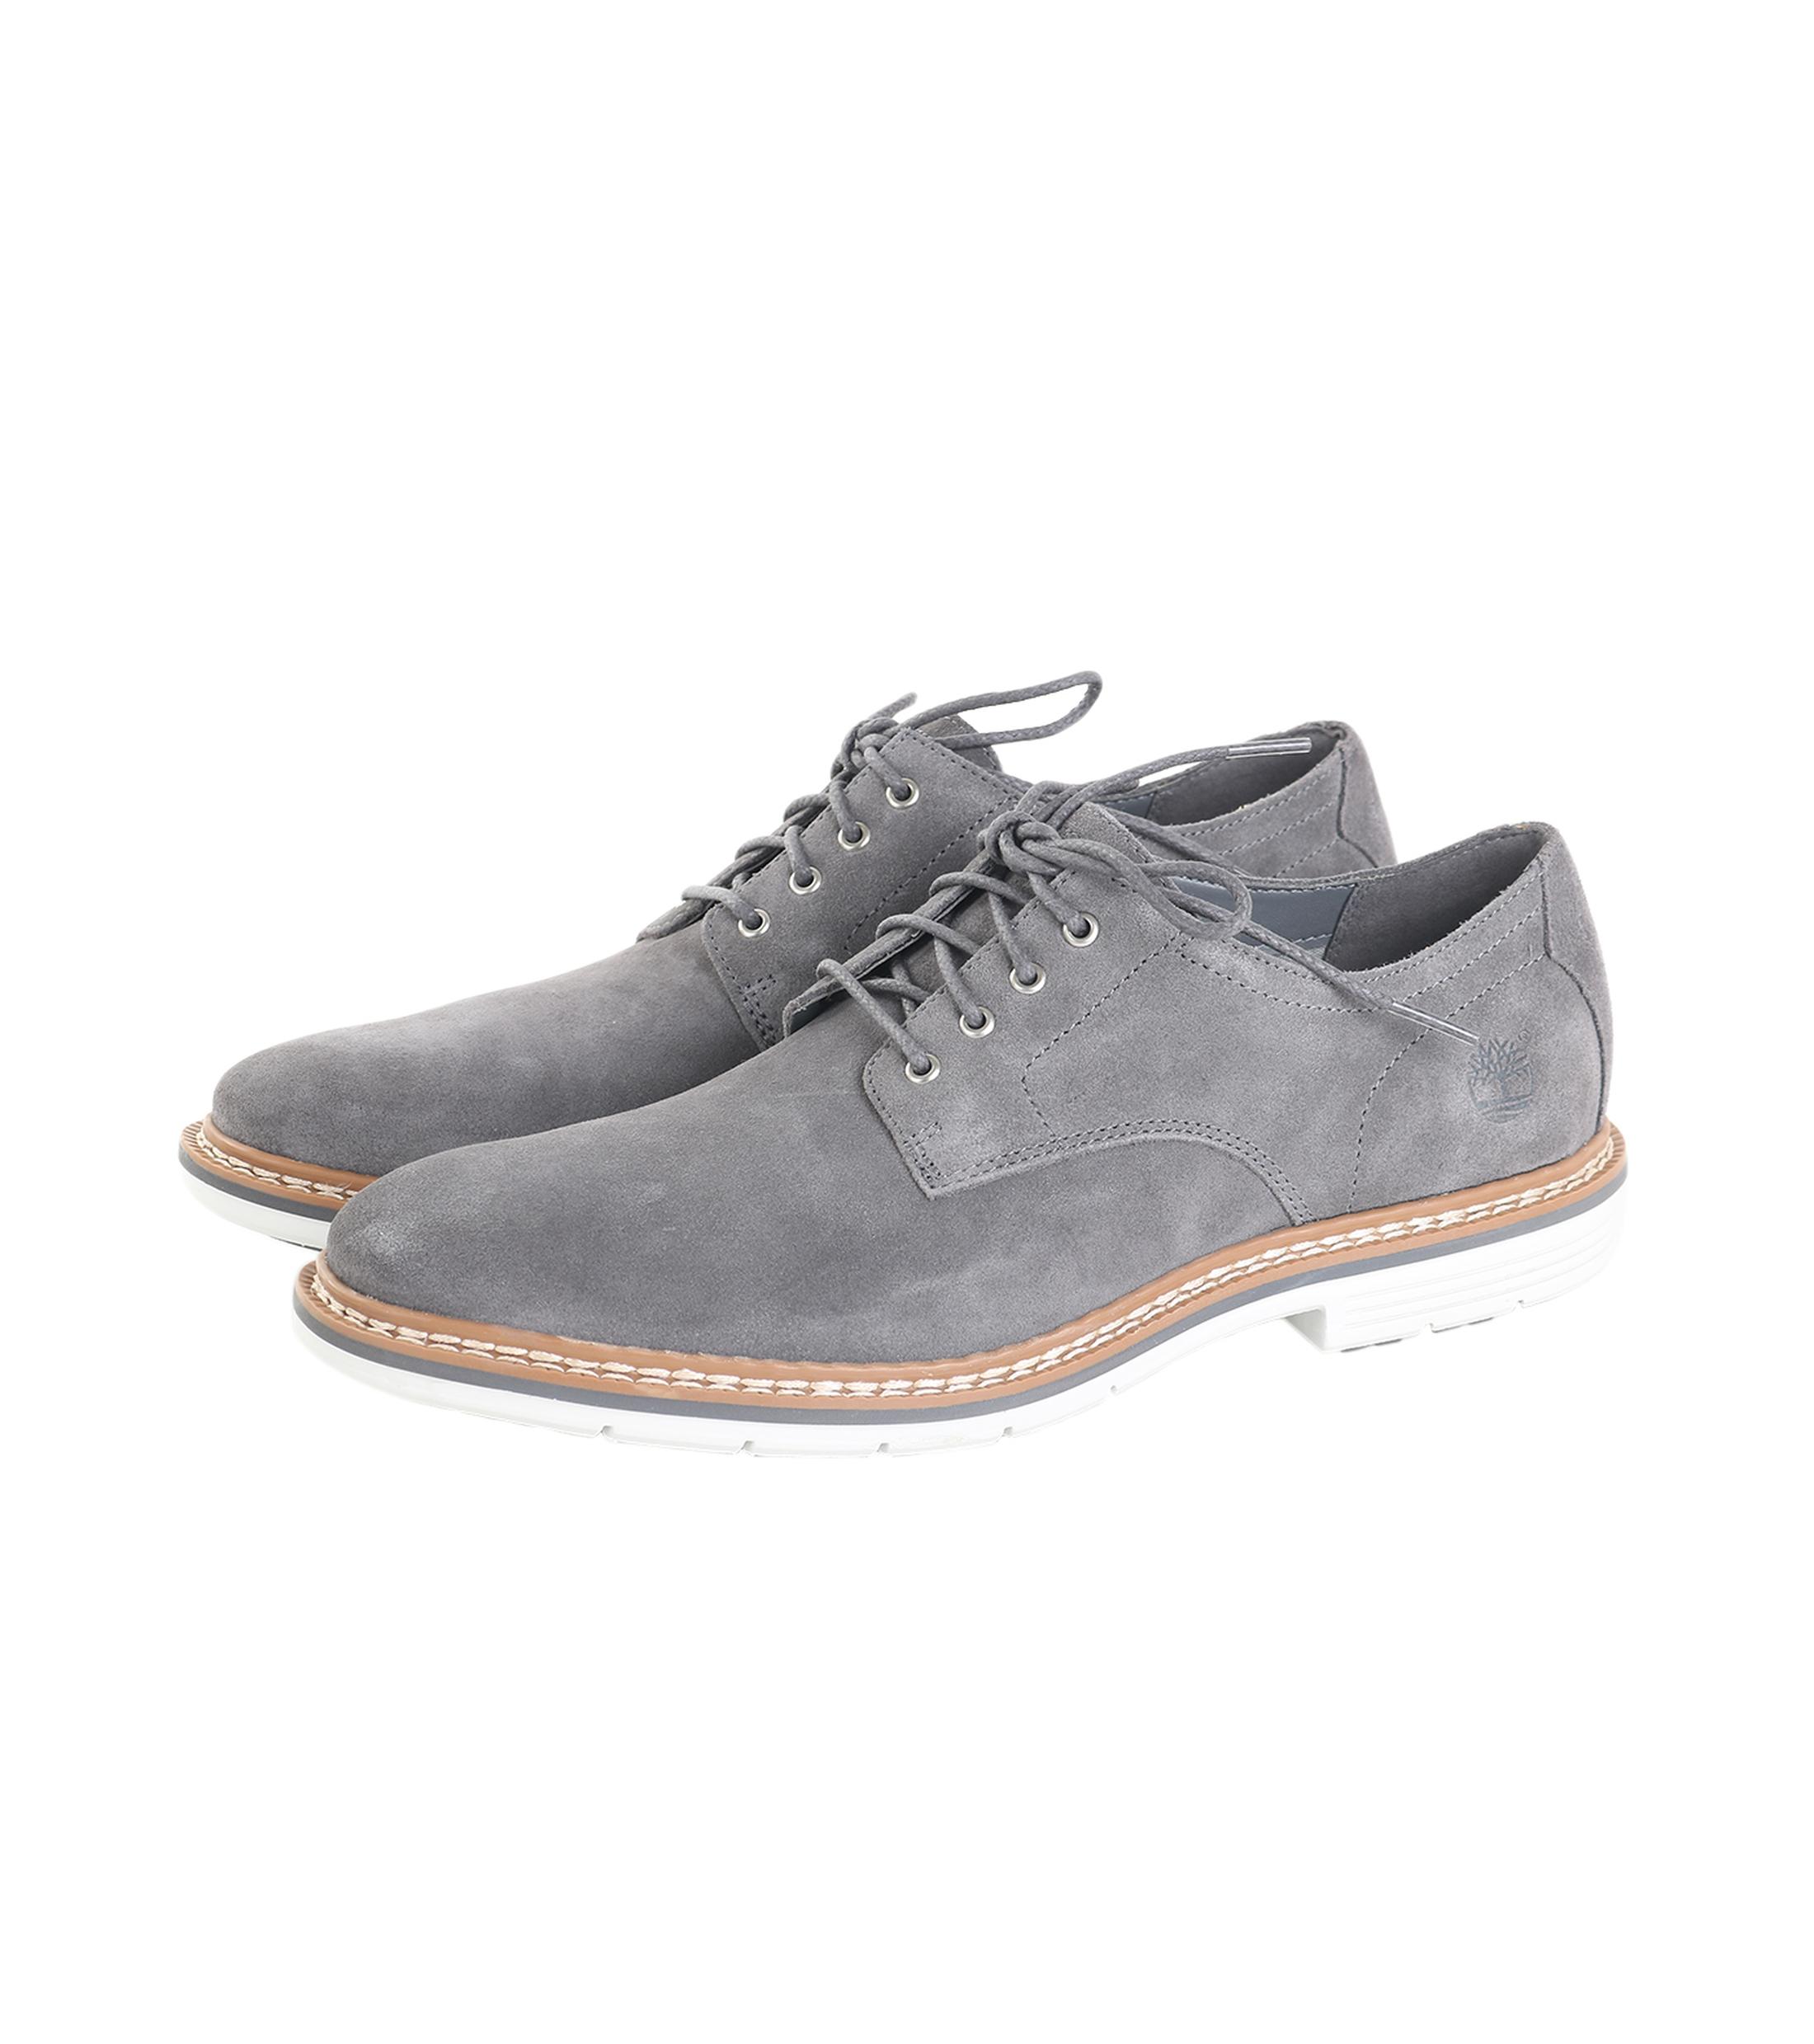 Chaussure Timberland Avec Naples Gris I0gD2OJcVM